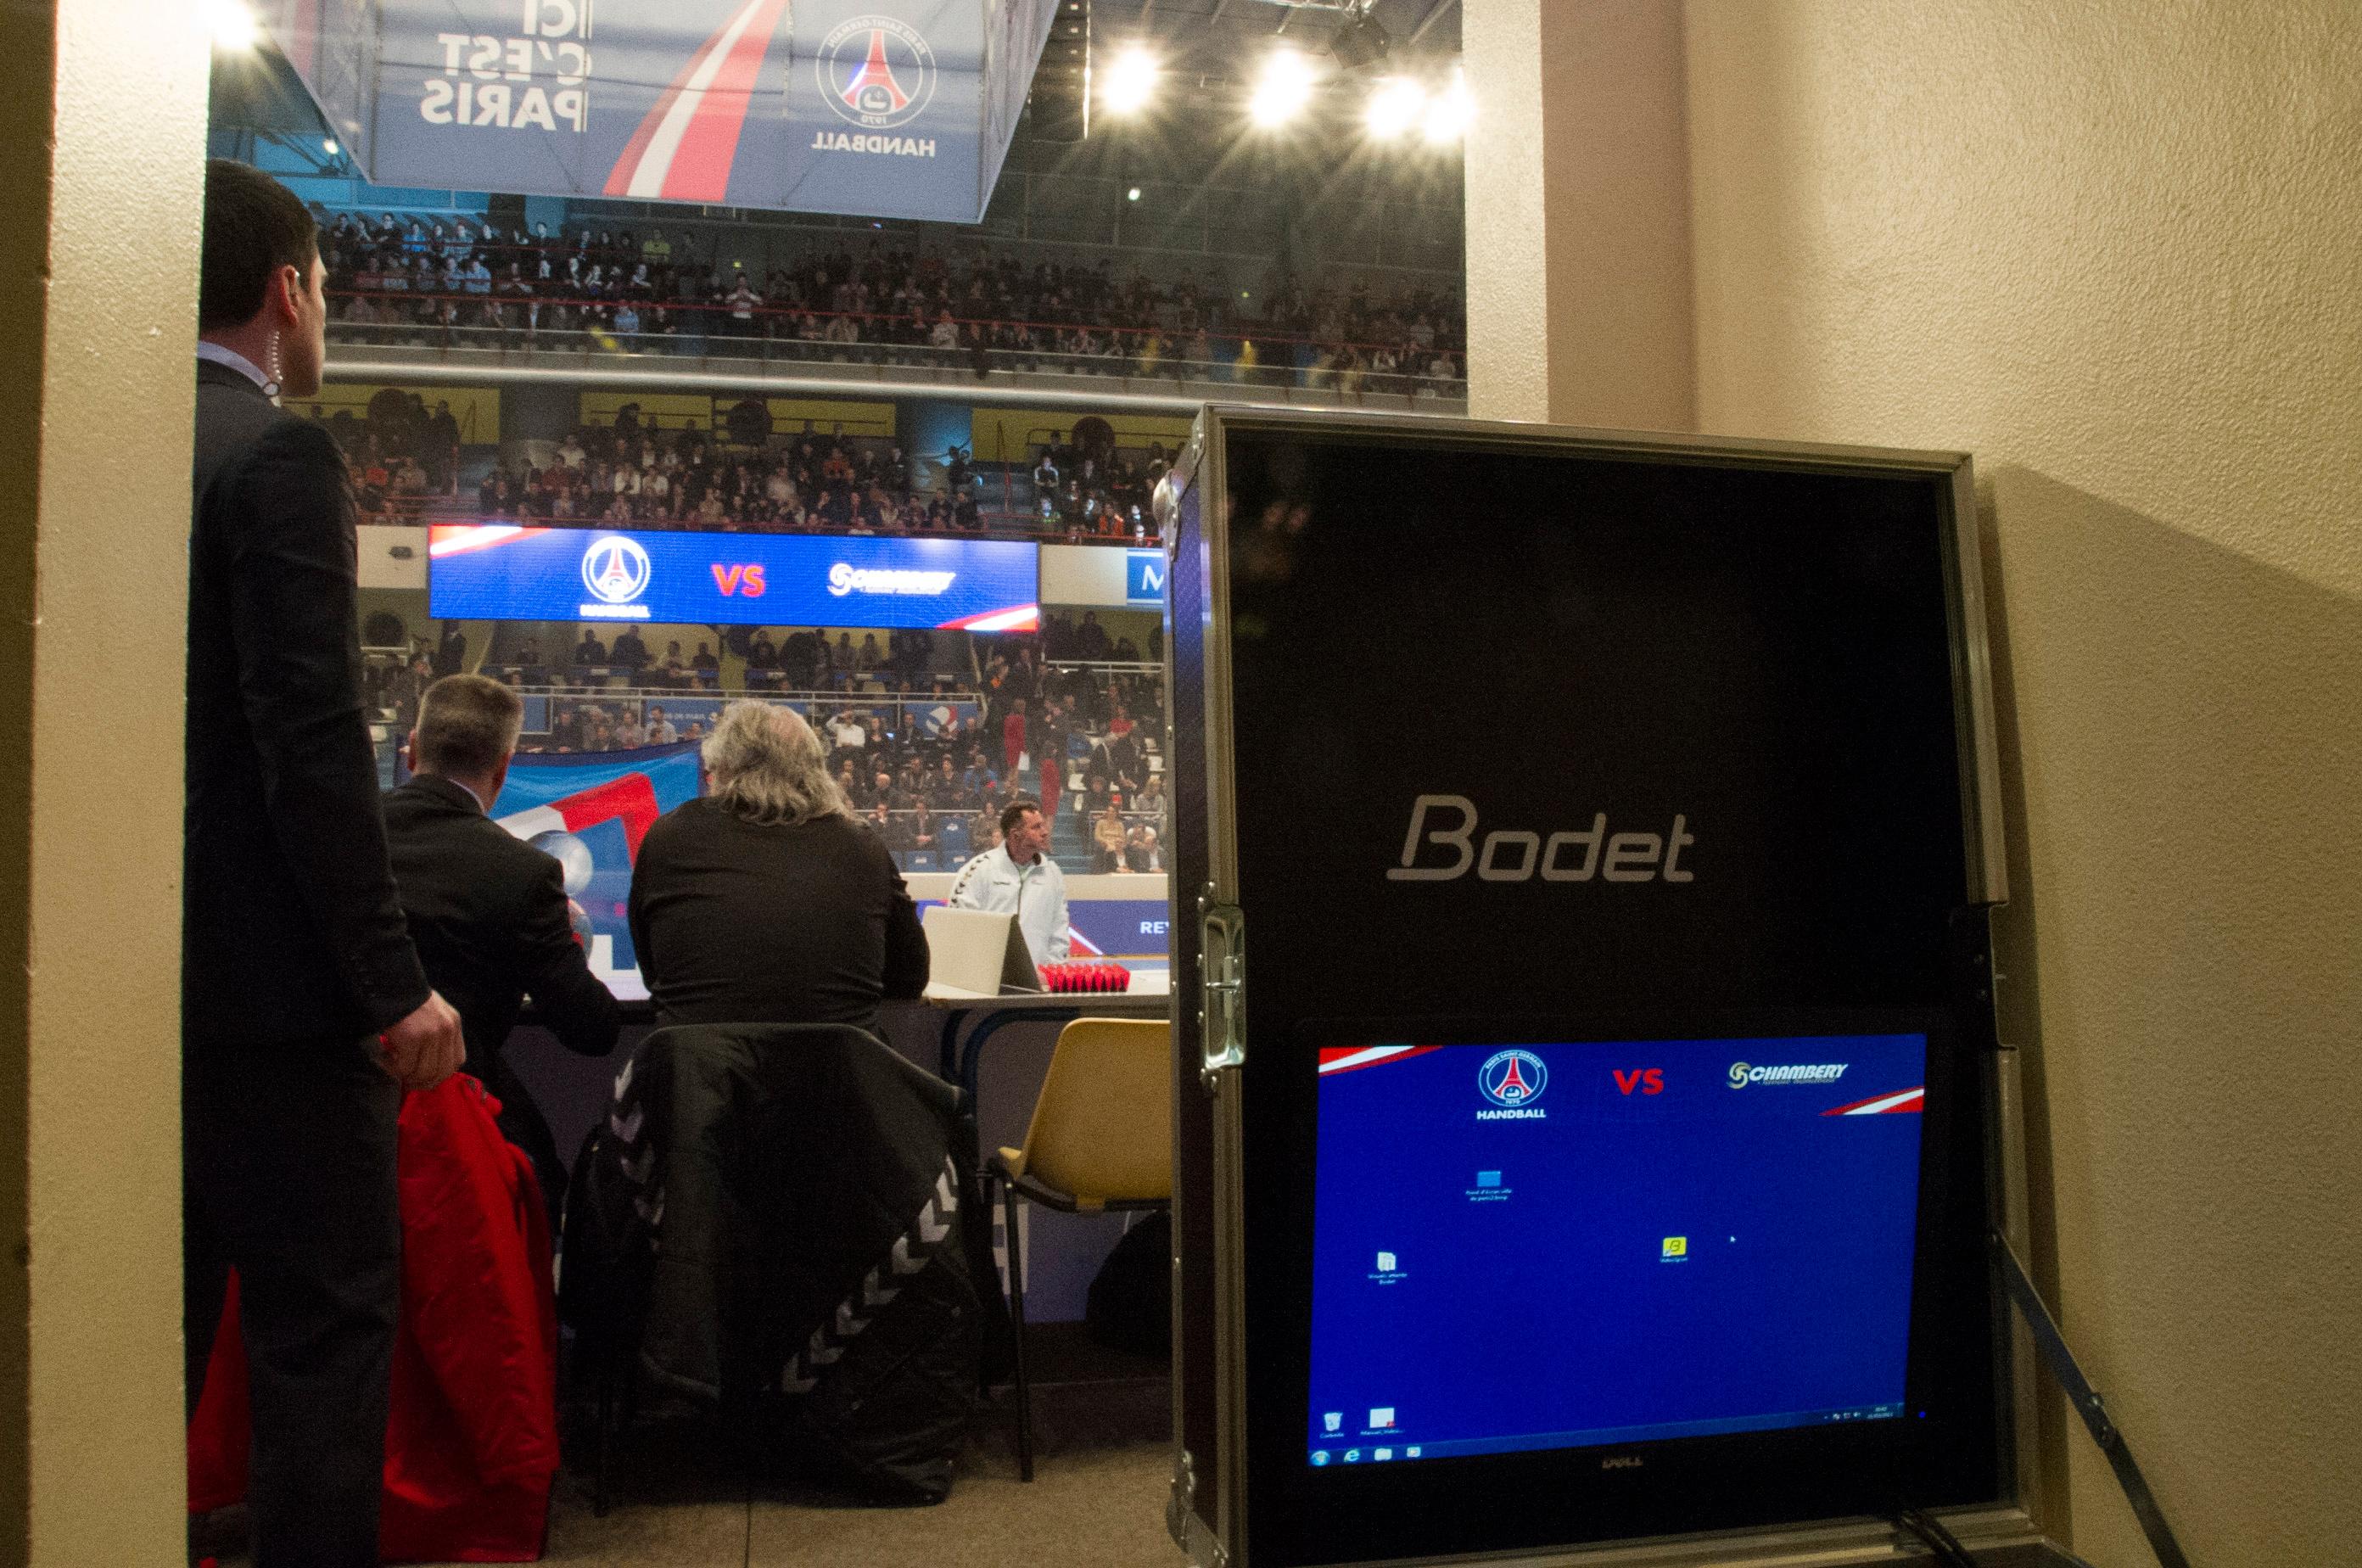 tableau-affichage-sportif-basketball-handball-paris-pierre-de-coubertin-stade-2